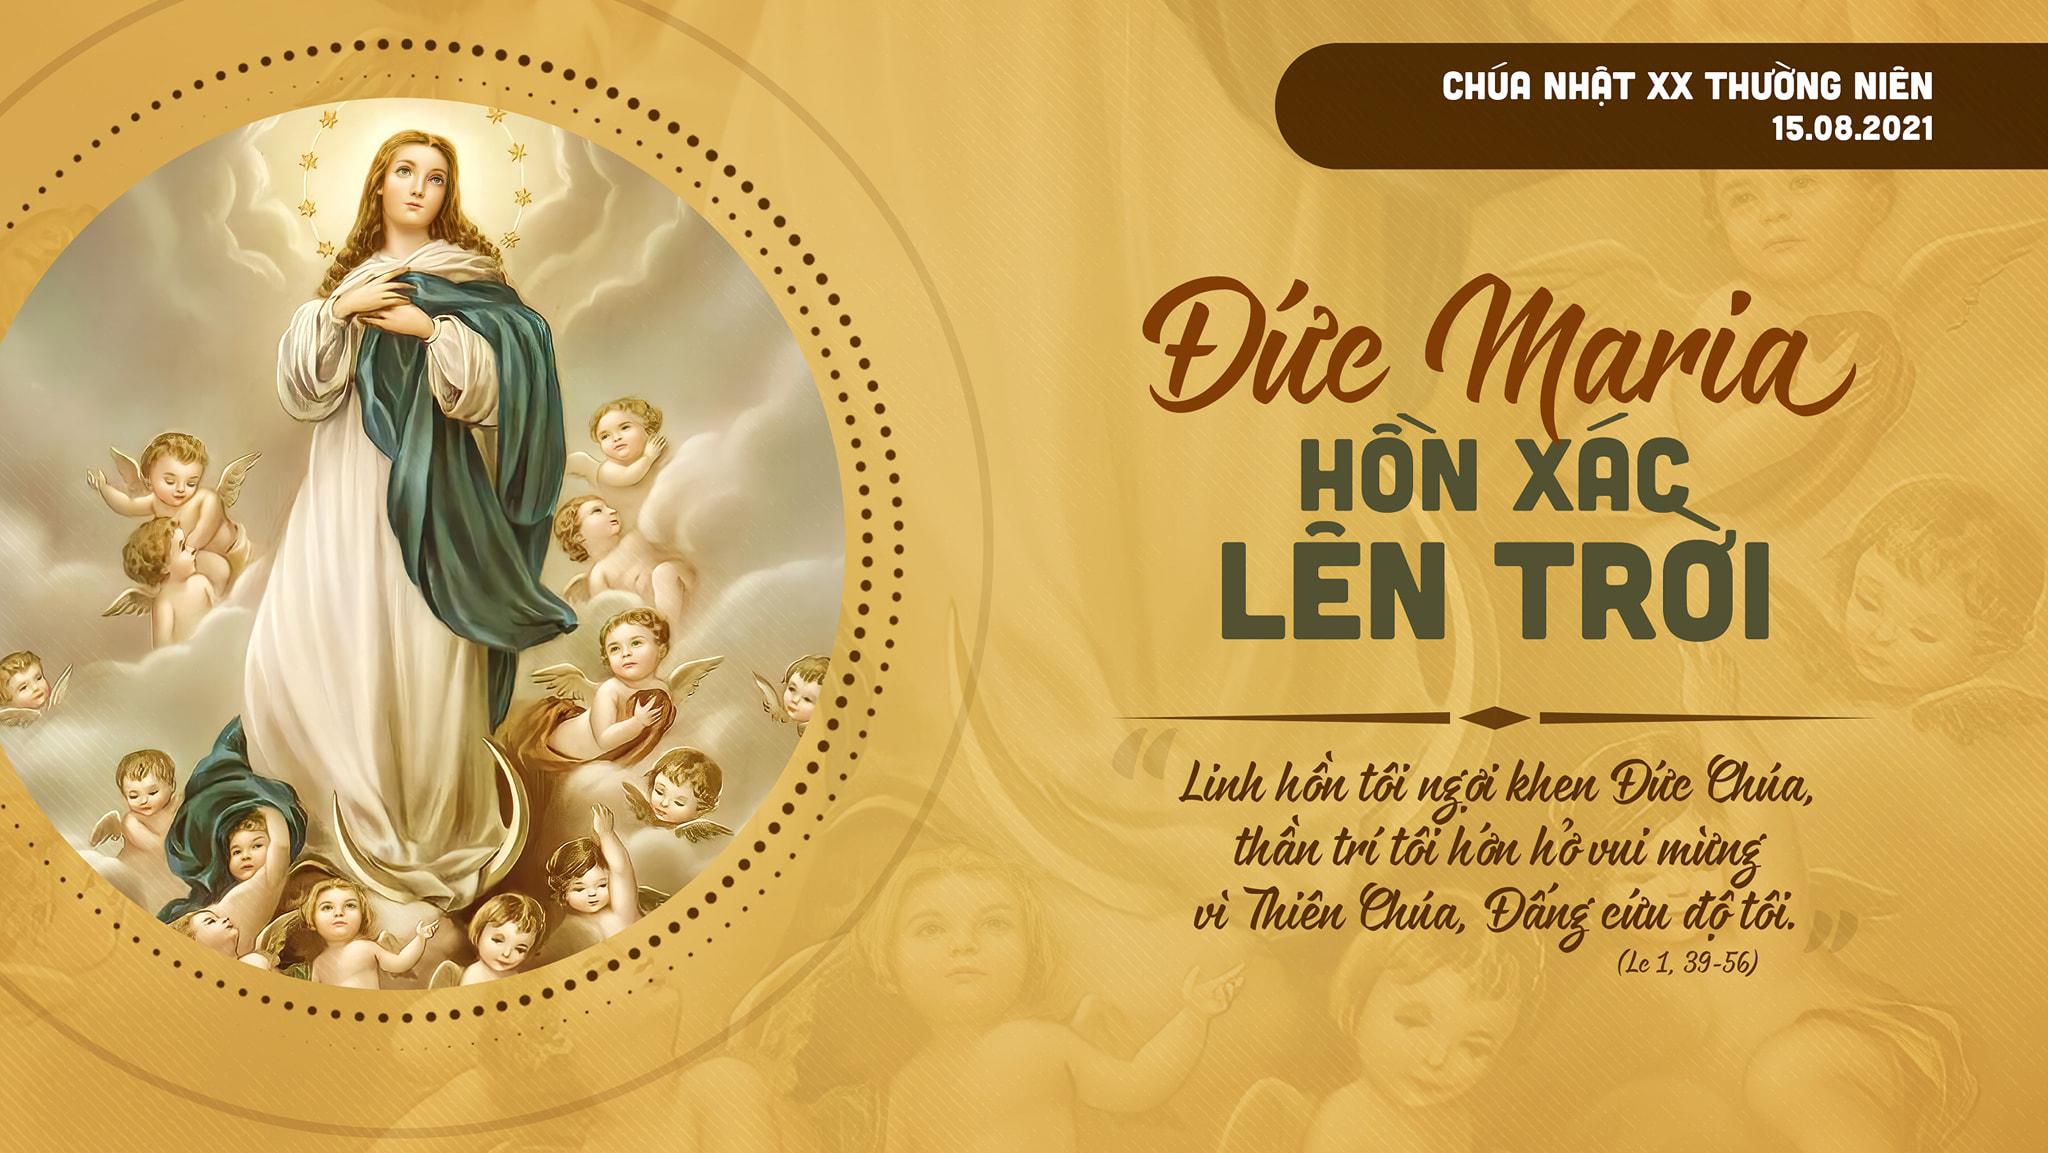 Videos: Giảng Lễ Đức Mẹ Lên Trời (2015 - 2021)